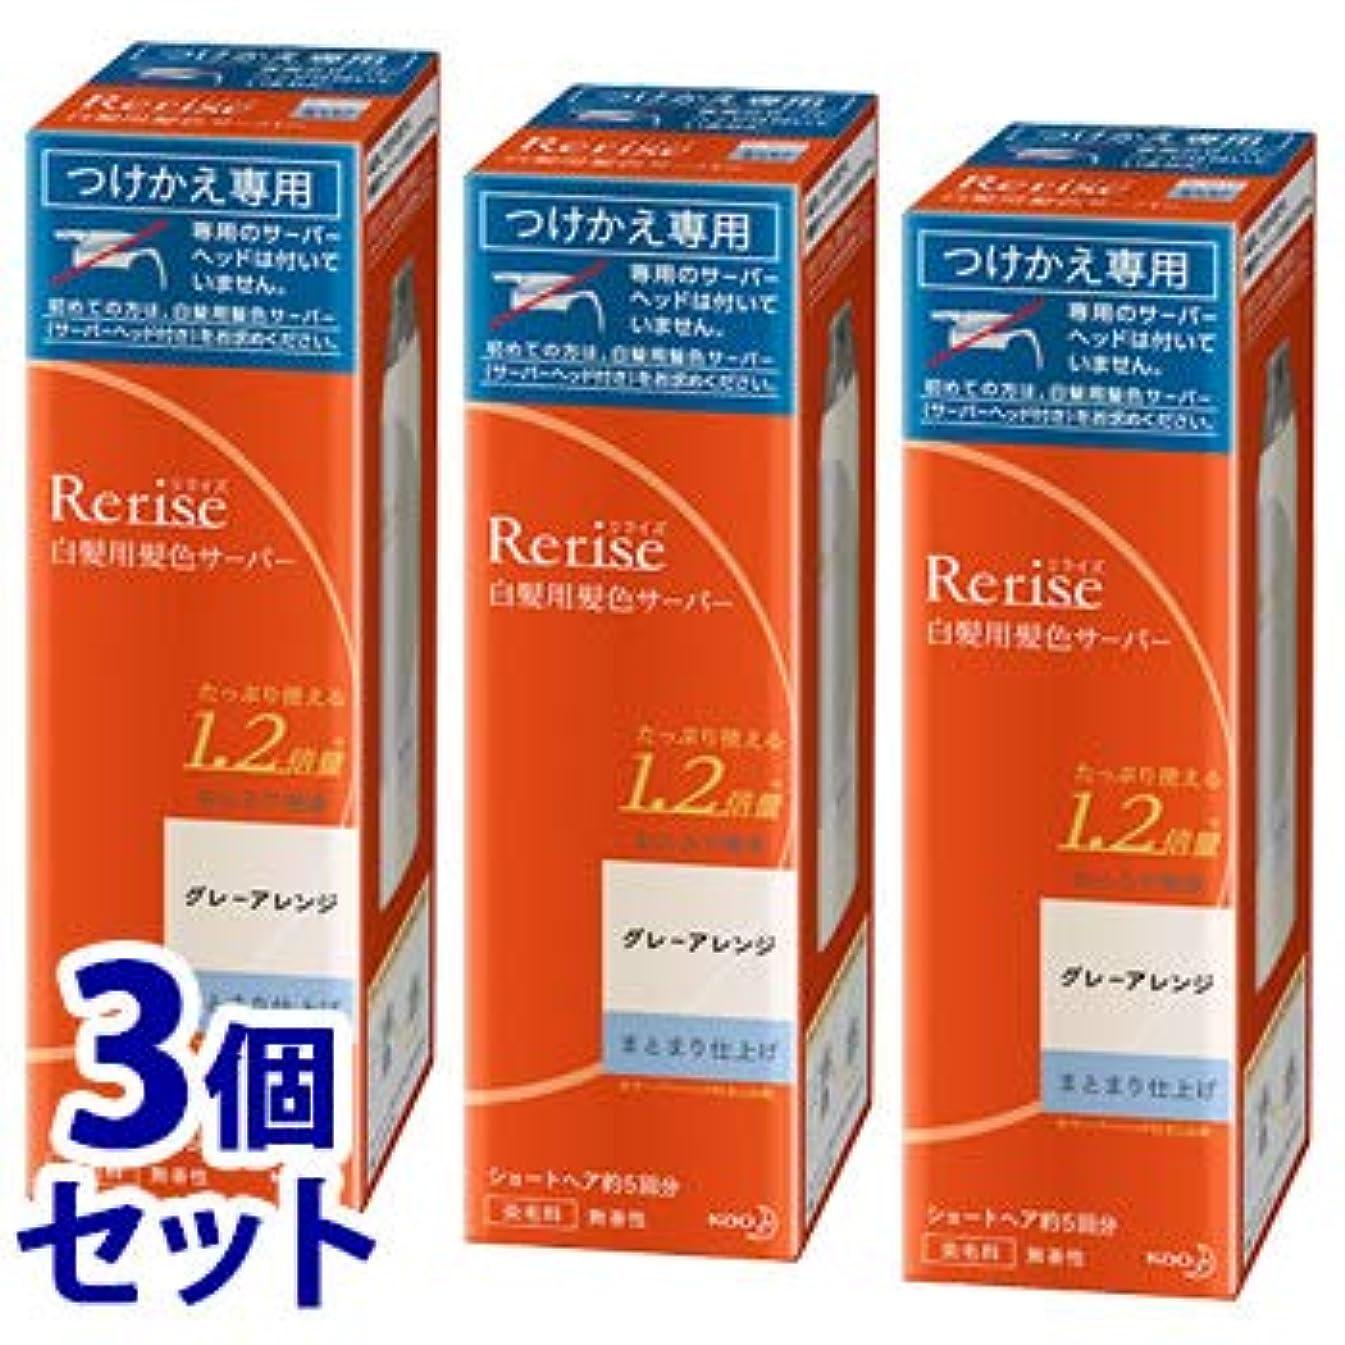 一瞬神秘的な単調な《セット販売》 花王 リライズ 白髪用髪色サーバー グレーアレンジ まとまり仕上げ つけかえ用 (190g)×3個セット 付け替え用 染毛料